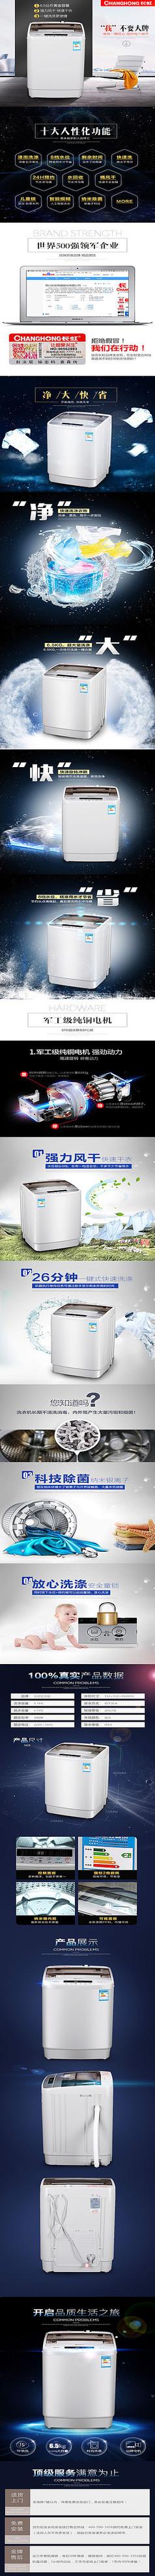 洗衣機電器淘寶詳情模板